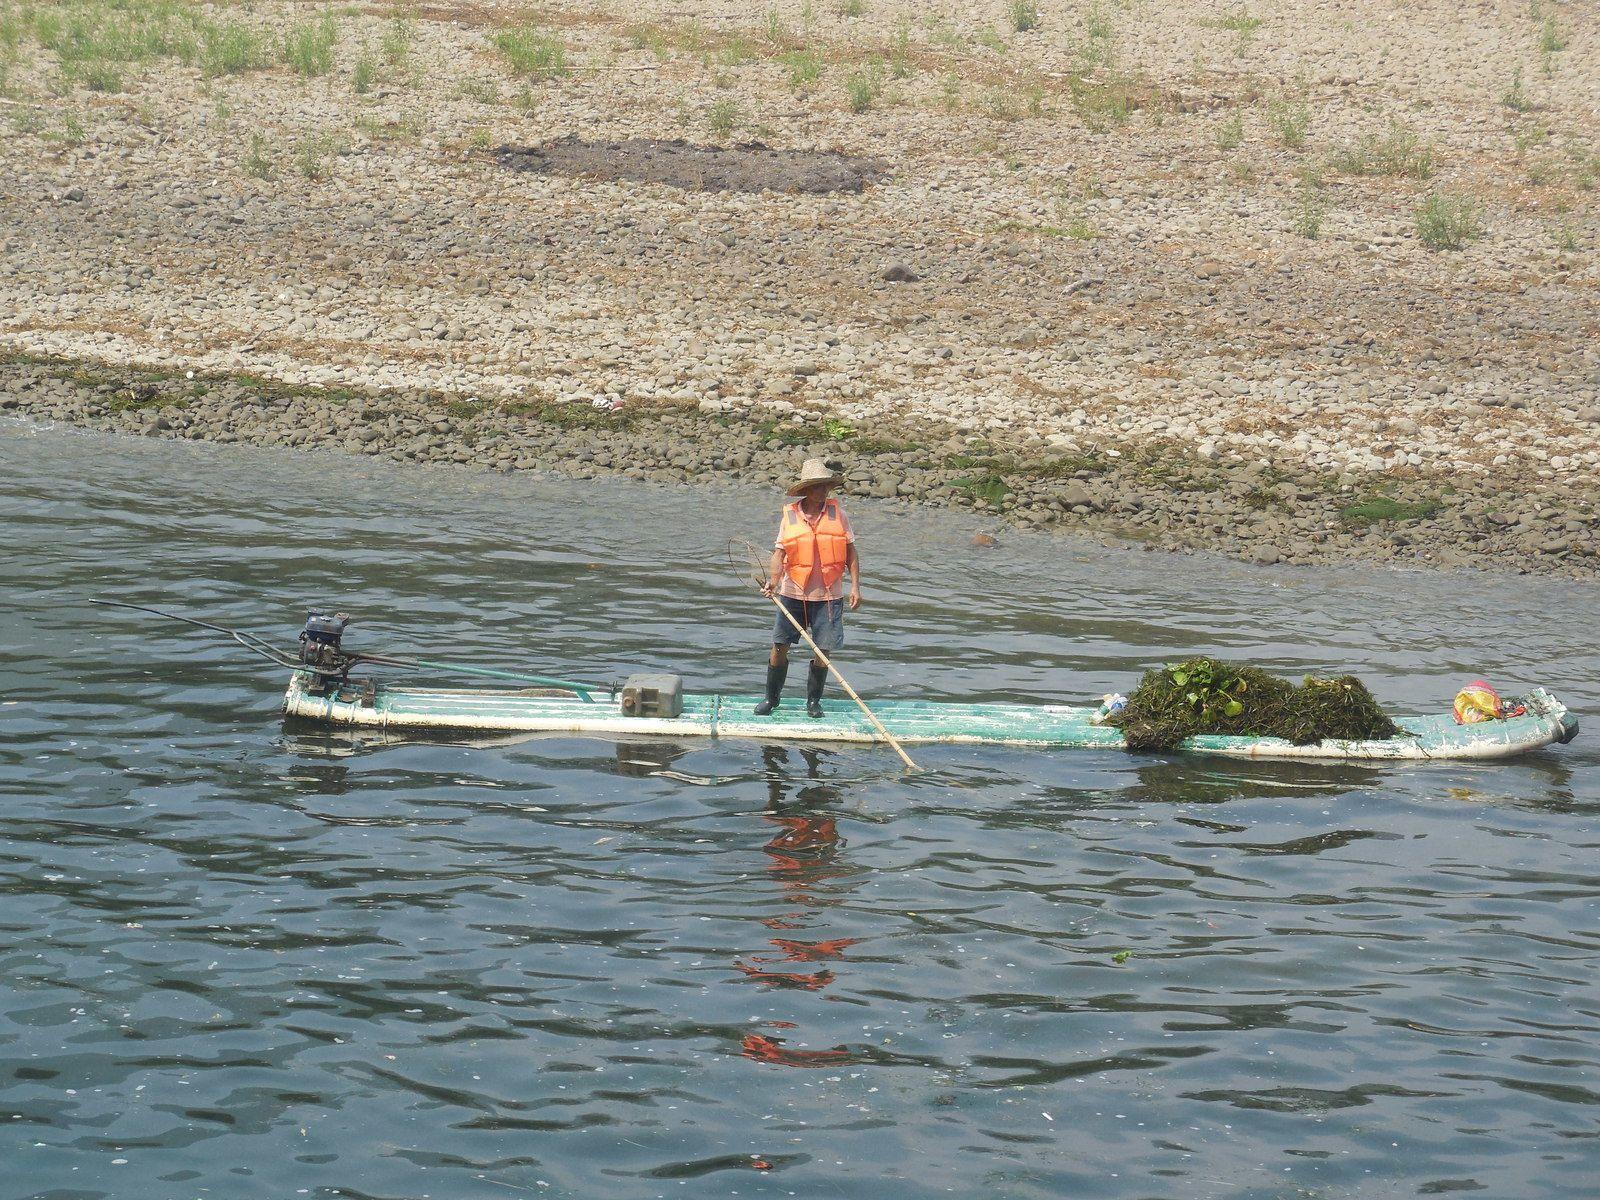 Ramassage d'algues le long de la rivière...